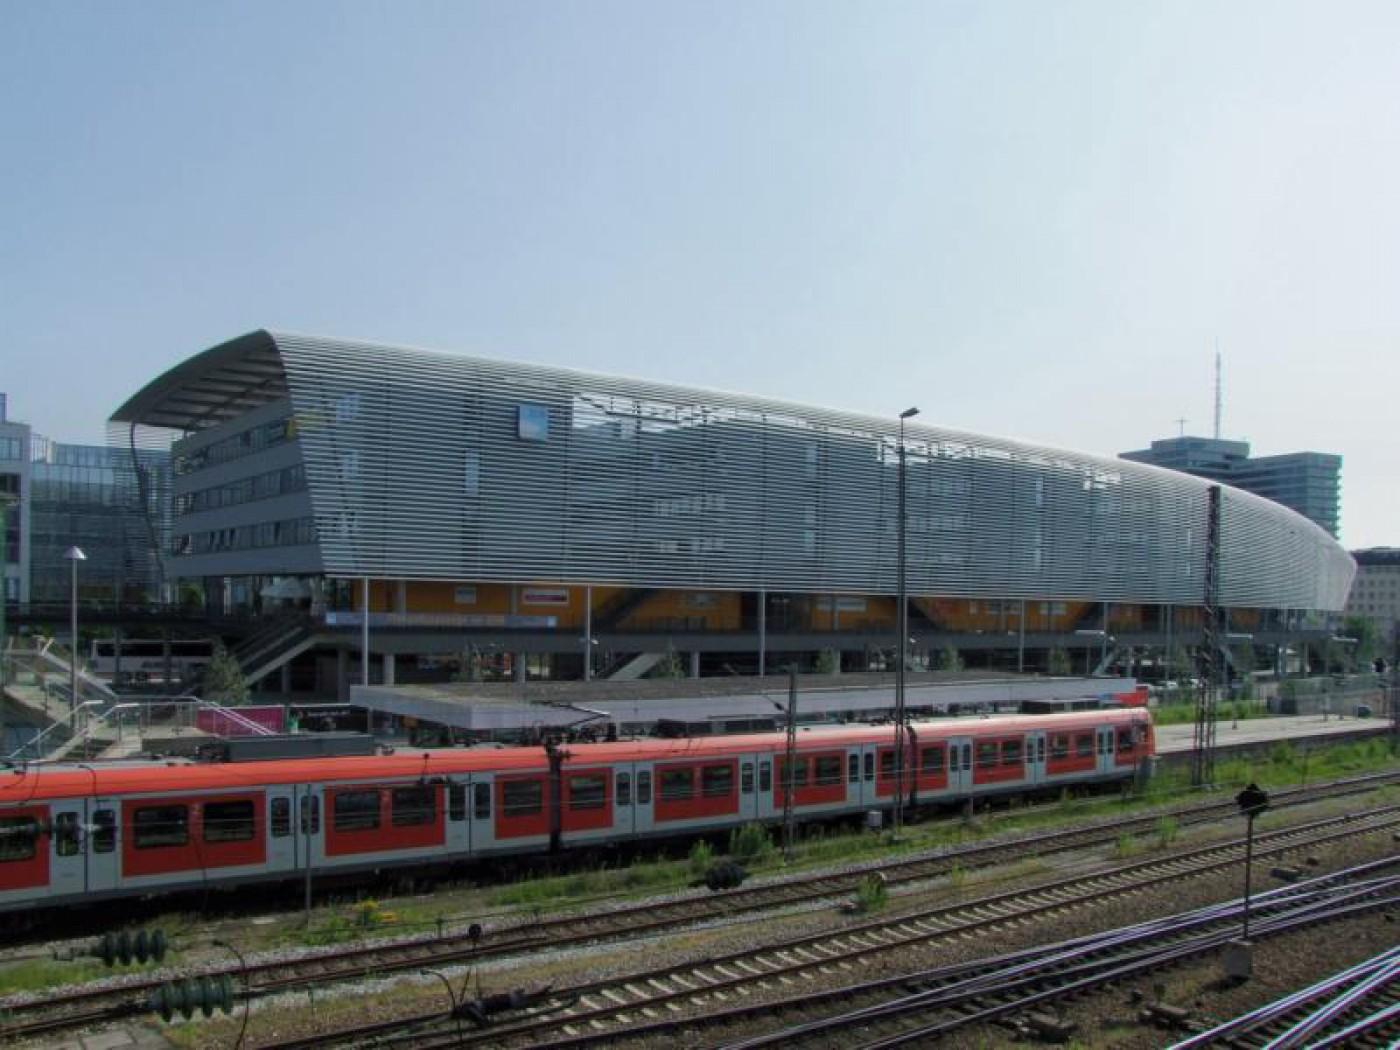 zob_Zentraler Omnibusbahnhof Muenchen_100625_30_expo_01